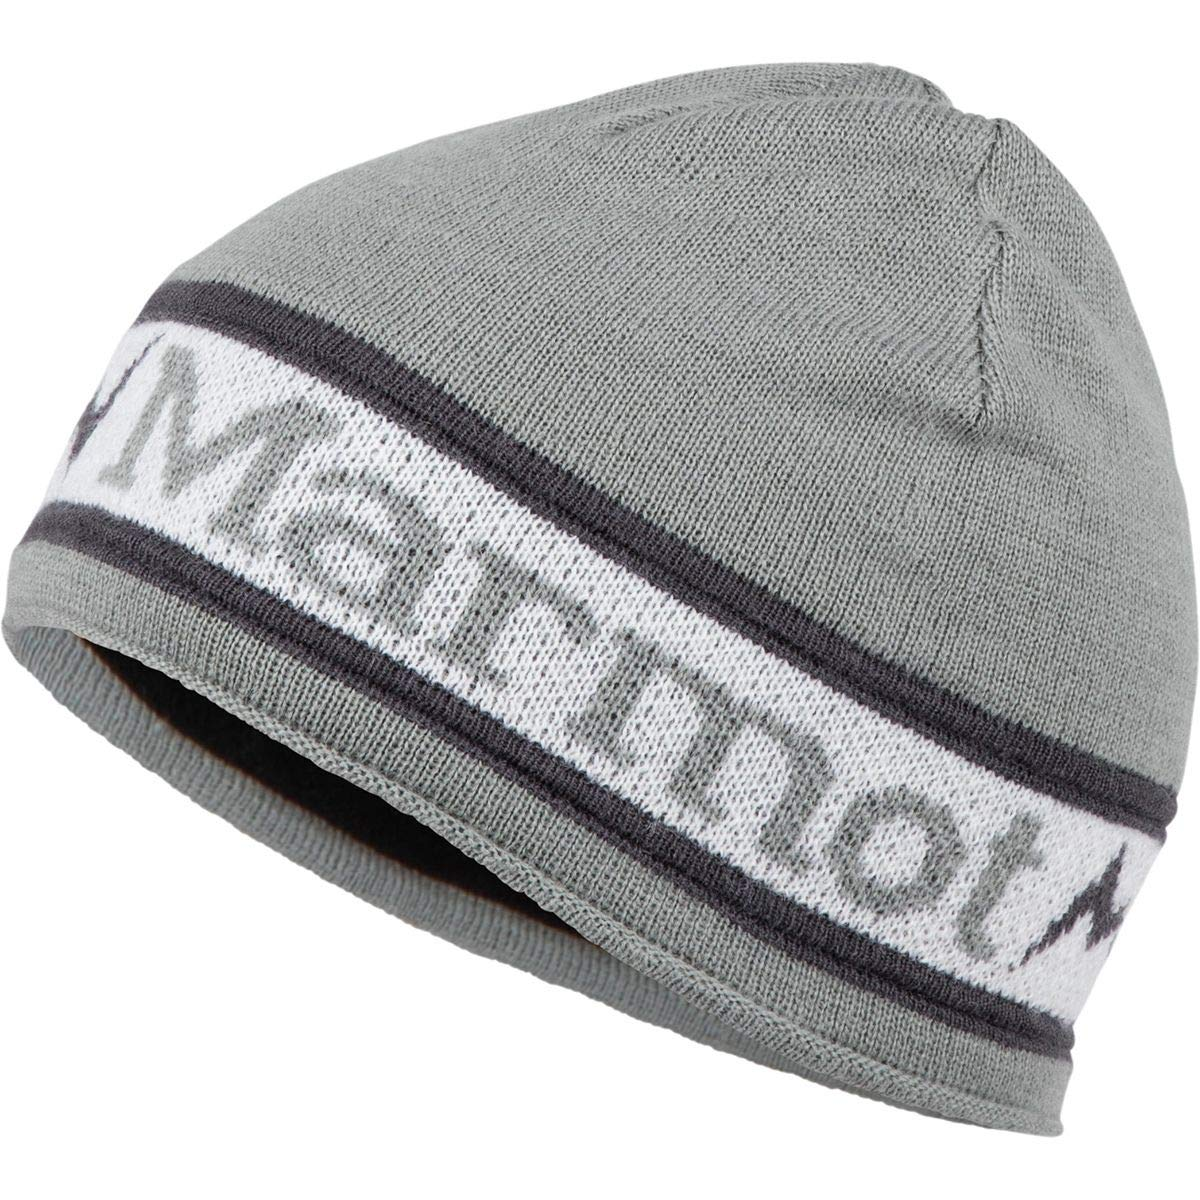 813e1641a27 Marmot spike hat grey storm steel onyx one size clothing jpg 1200x1200 Marmot  beanie gray